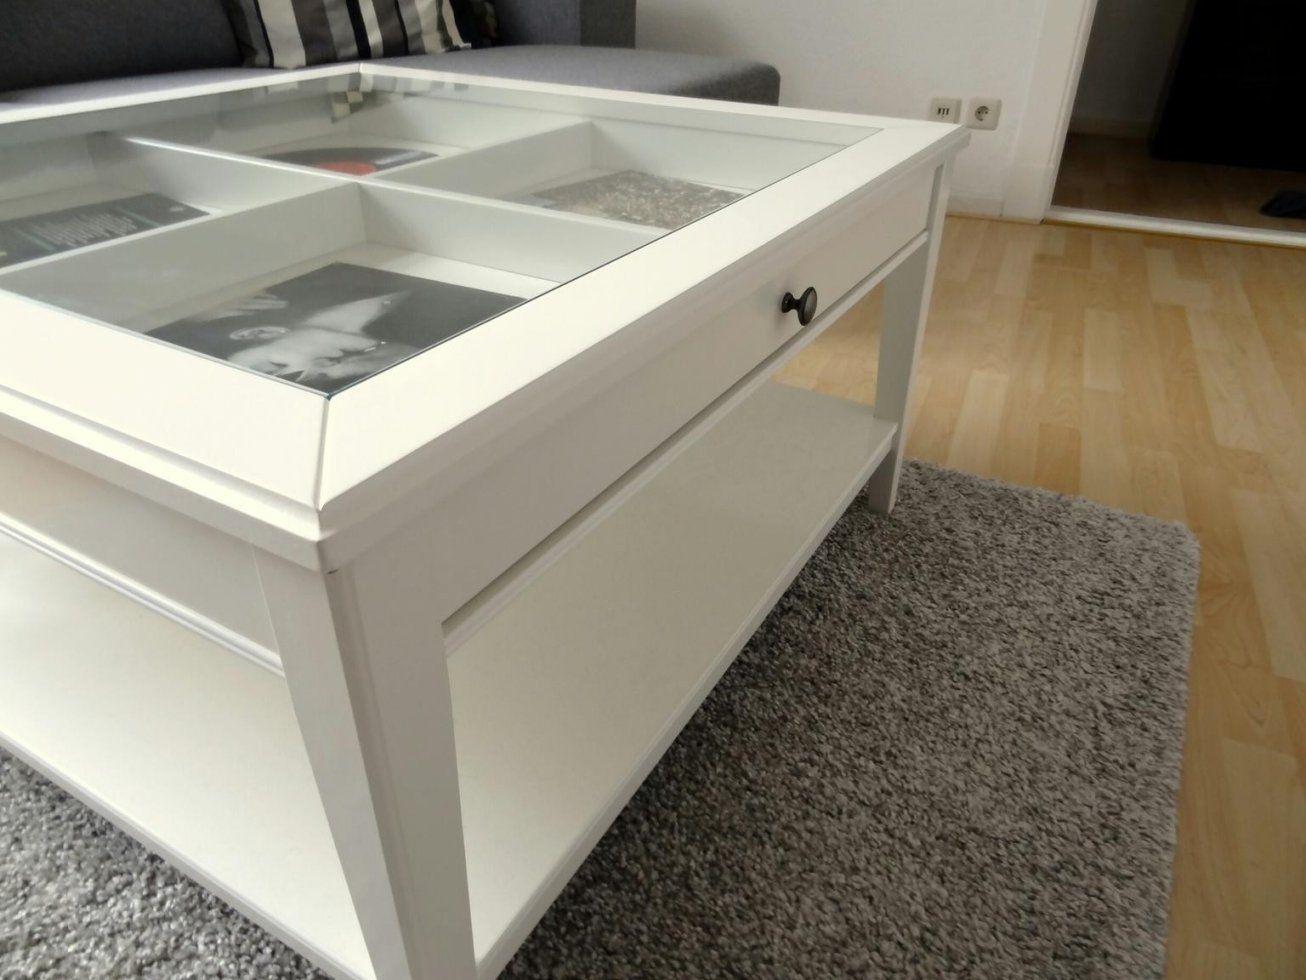 Couchtisch Ideen Fabelhaft Ikea Couchtisch Weiß Schick Ikea von Ikea Wohnzimmertisch Mit Glasplatte Bild